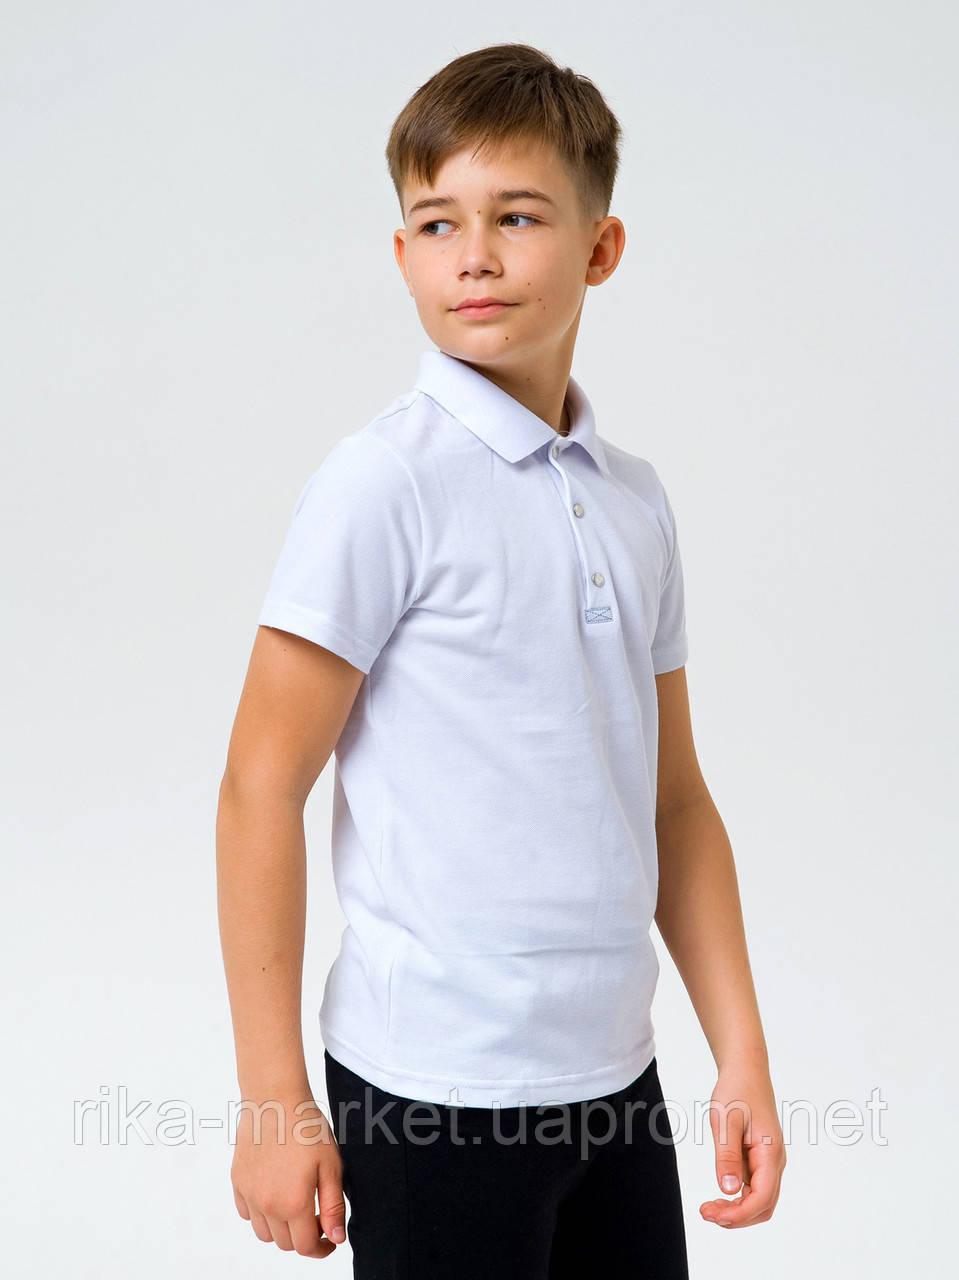 Футболка-поло для мальчика Смил 114733  6 - 14 лет